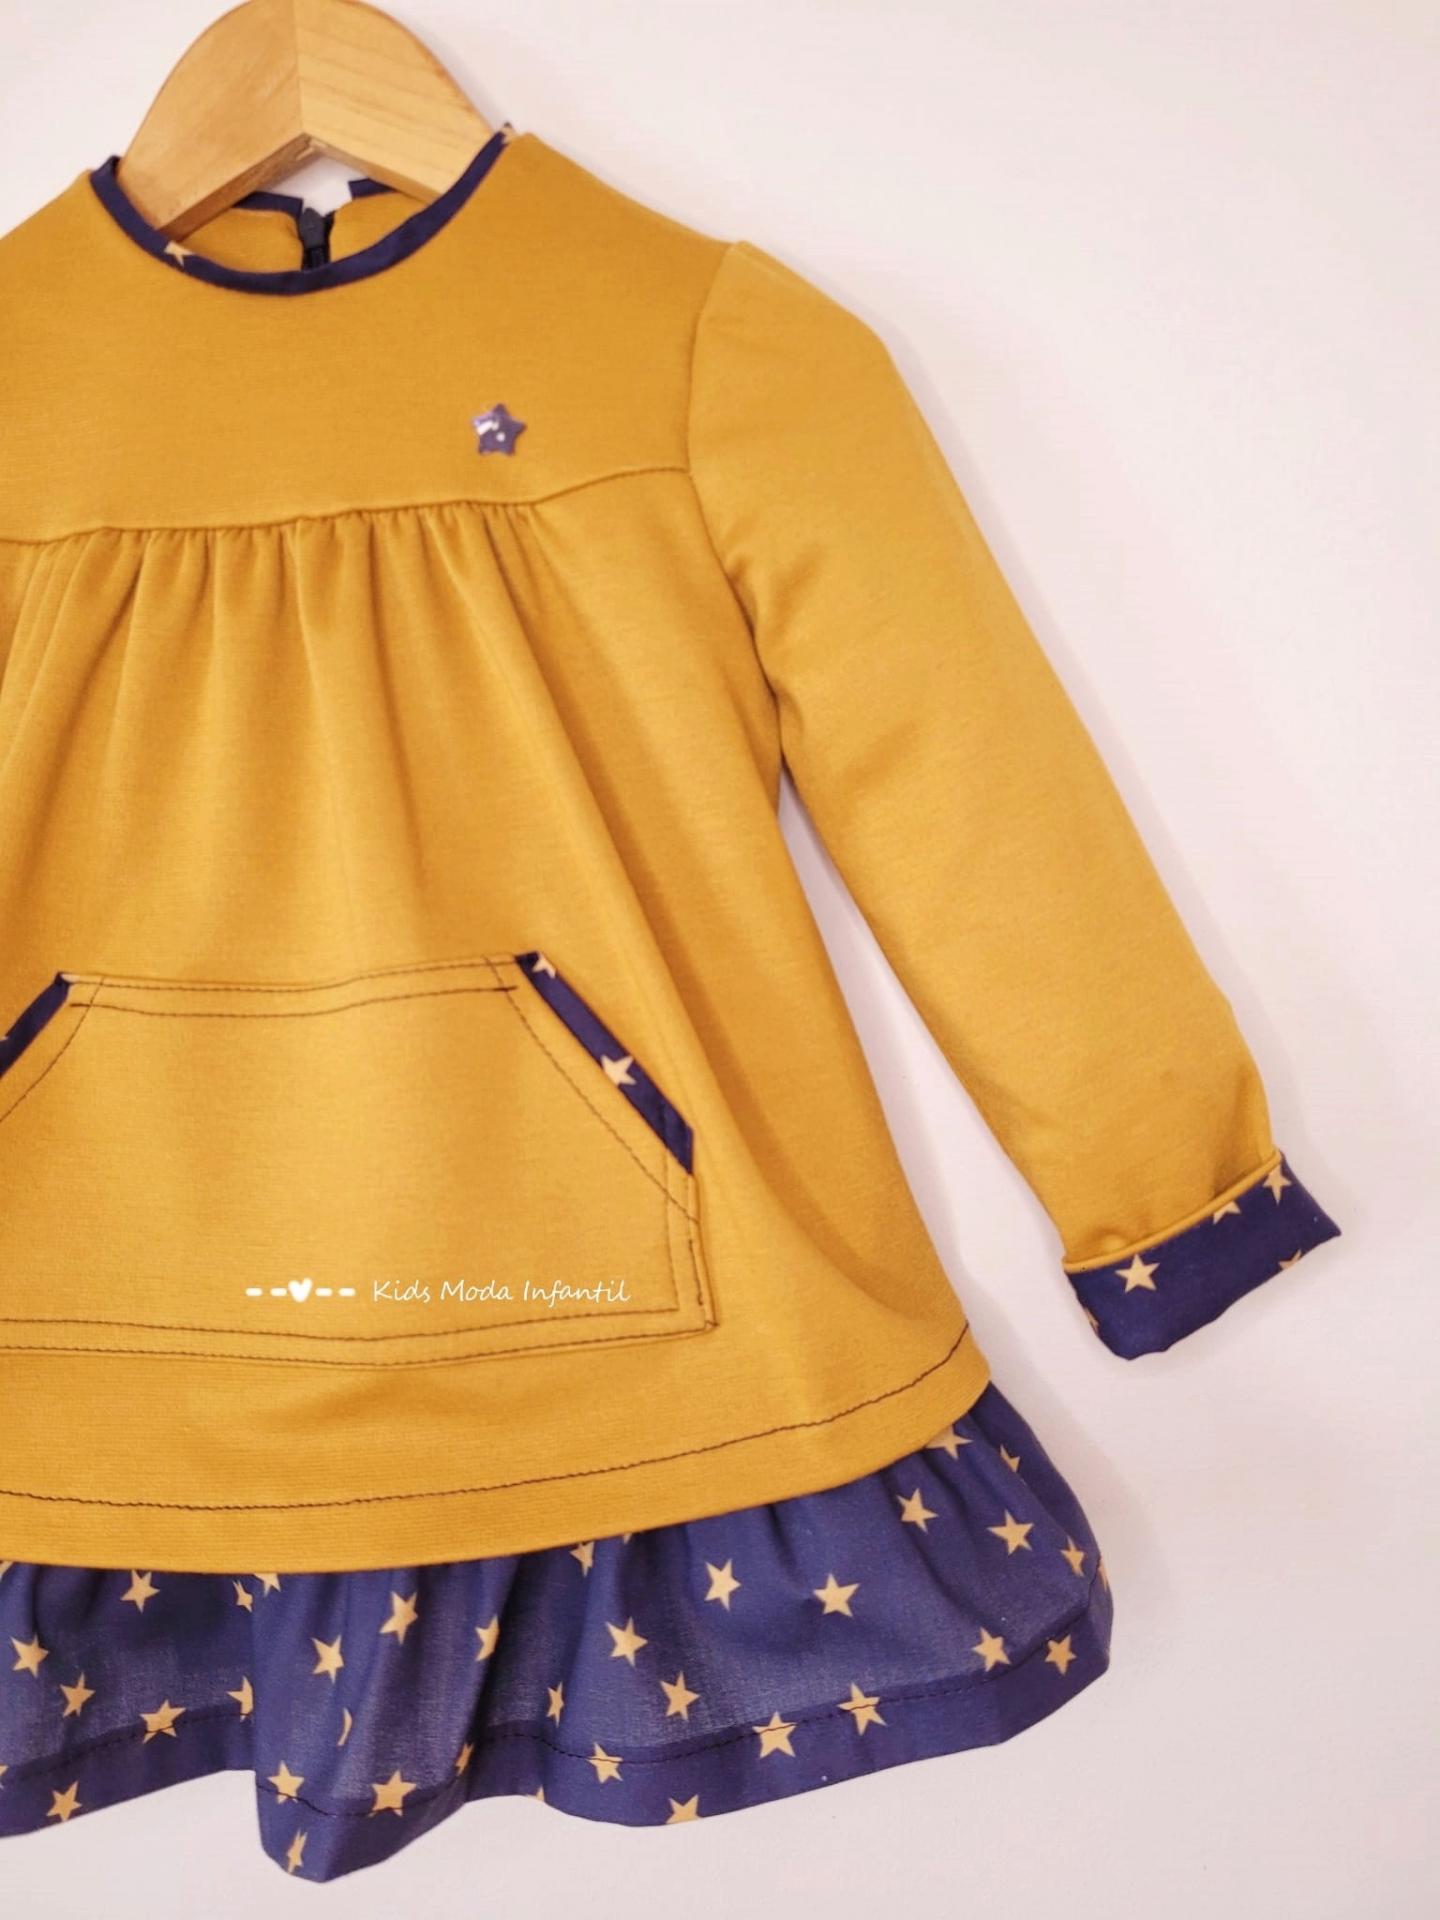 Vestido niña invierno mostaza y estrellas estampadas de Cuka Moda Infantil